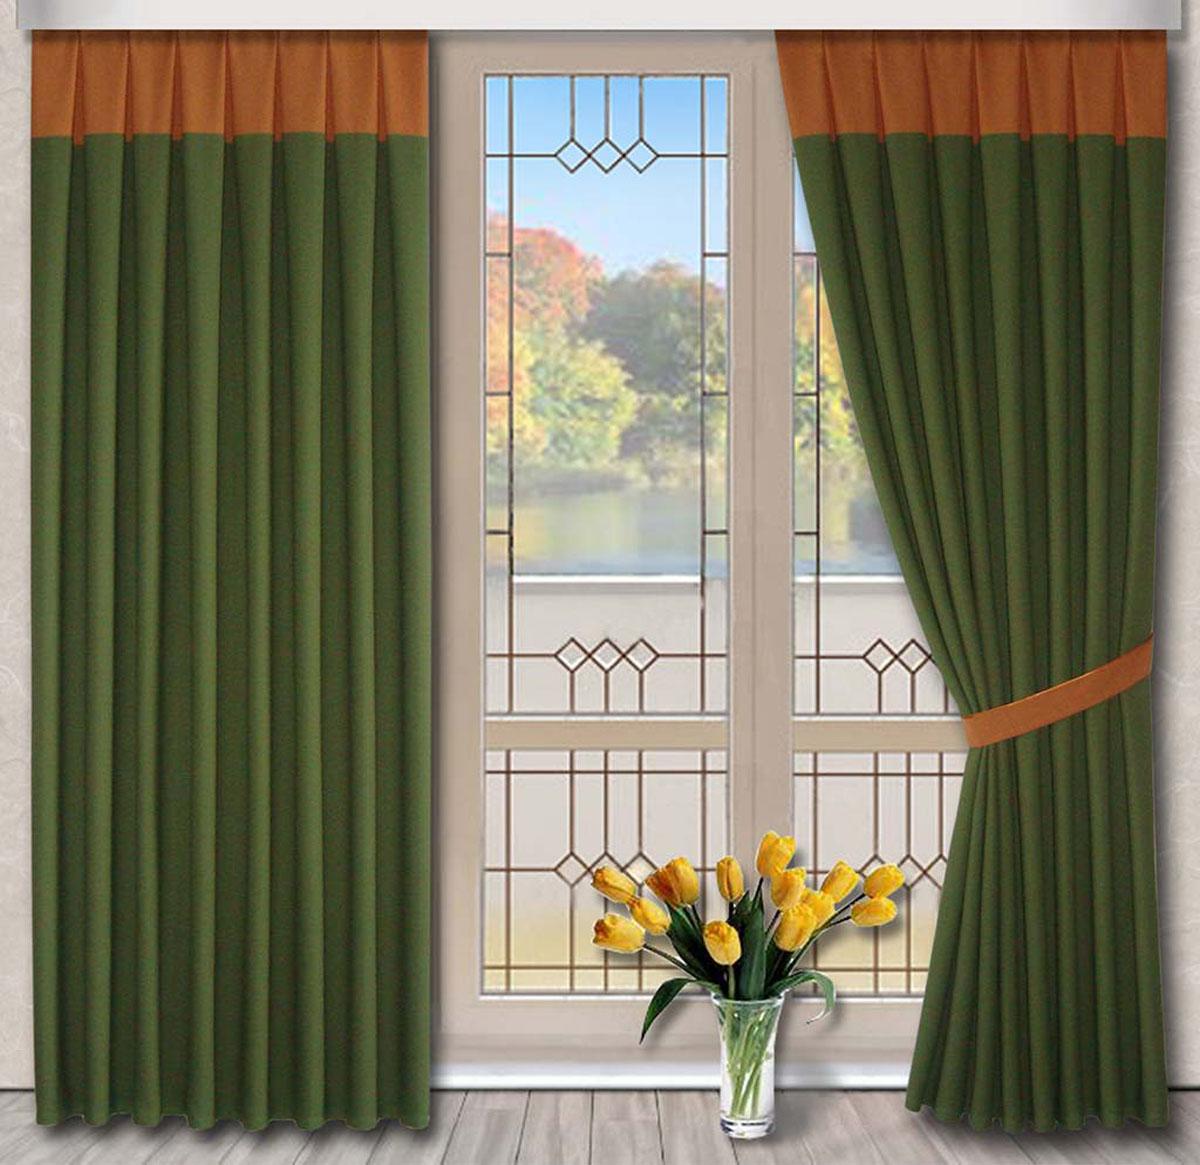 Комплект штор Кантри, на ленте, цвет: зеленый, оранжевый, высота 270 см79722Портьеры из плотной ткани под лён. Стирка не более 30 градусов.